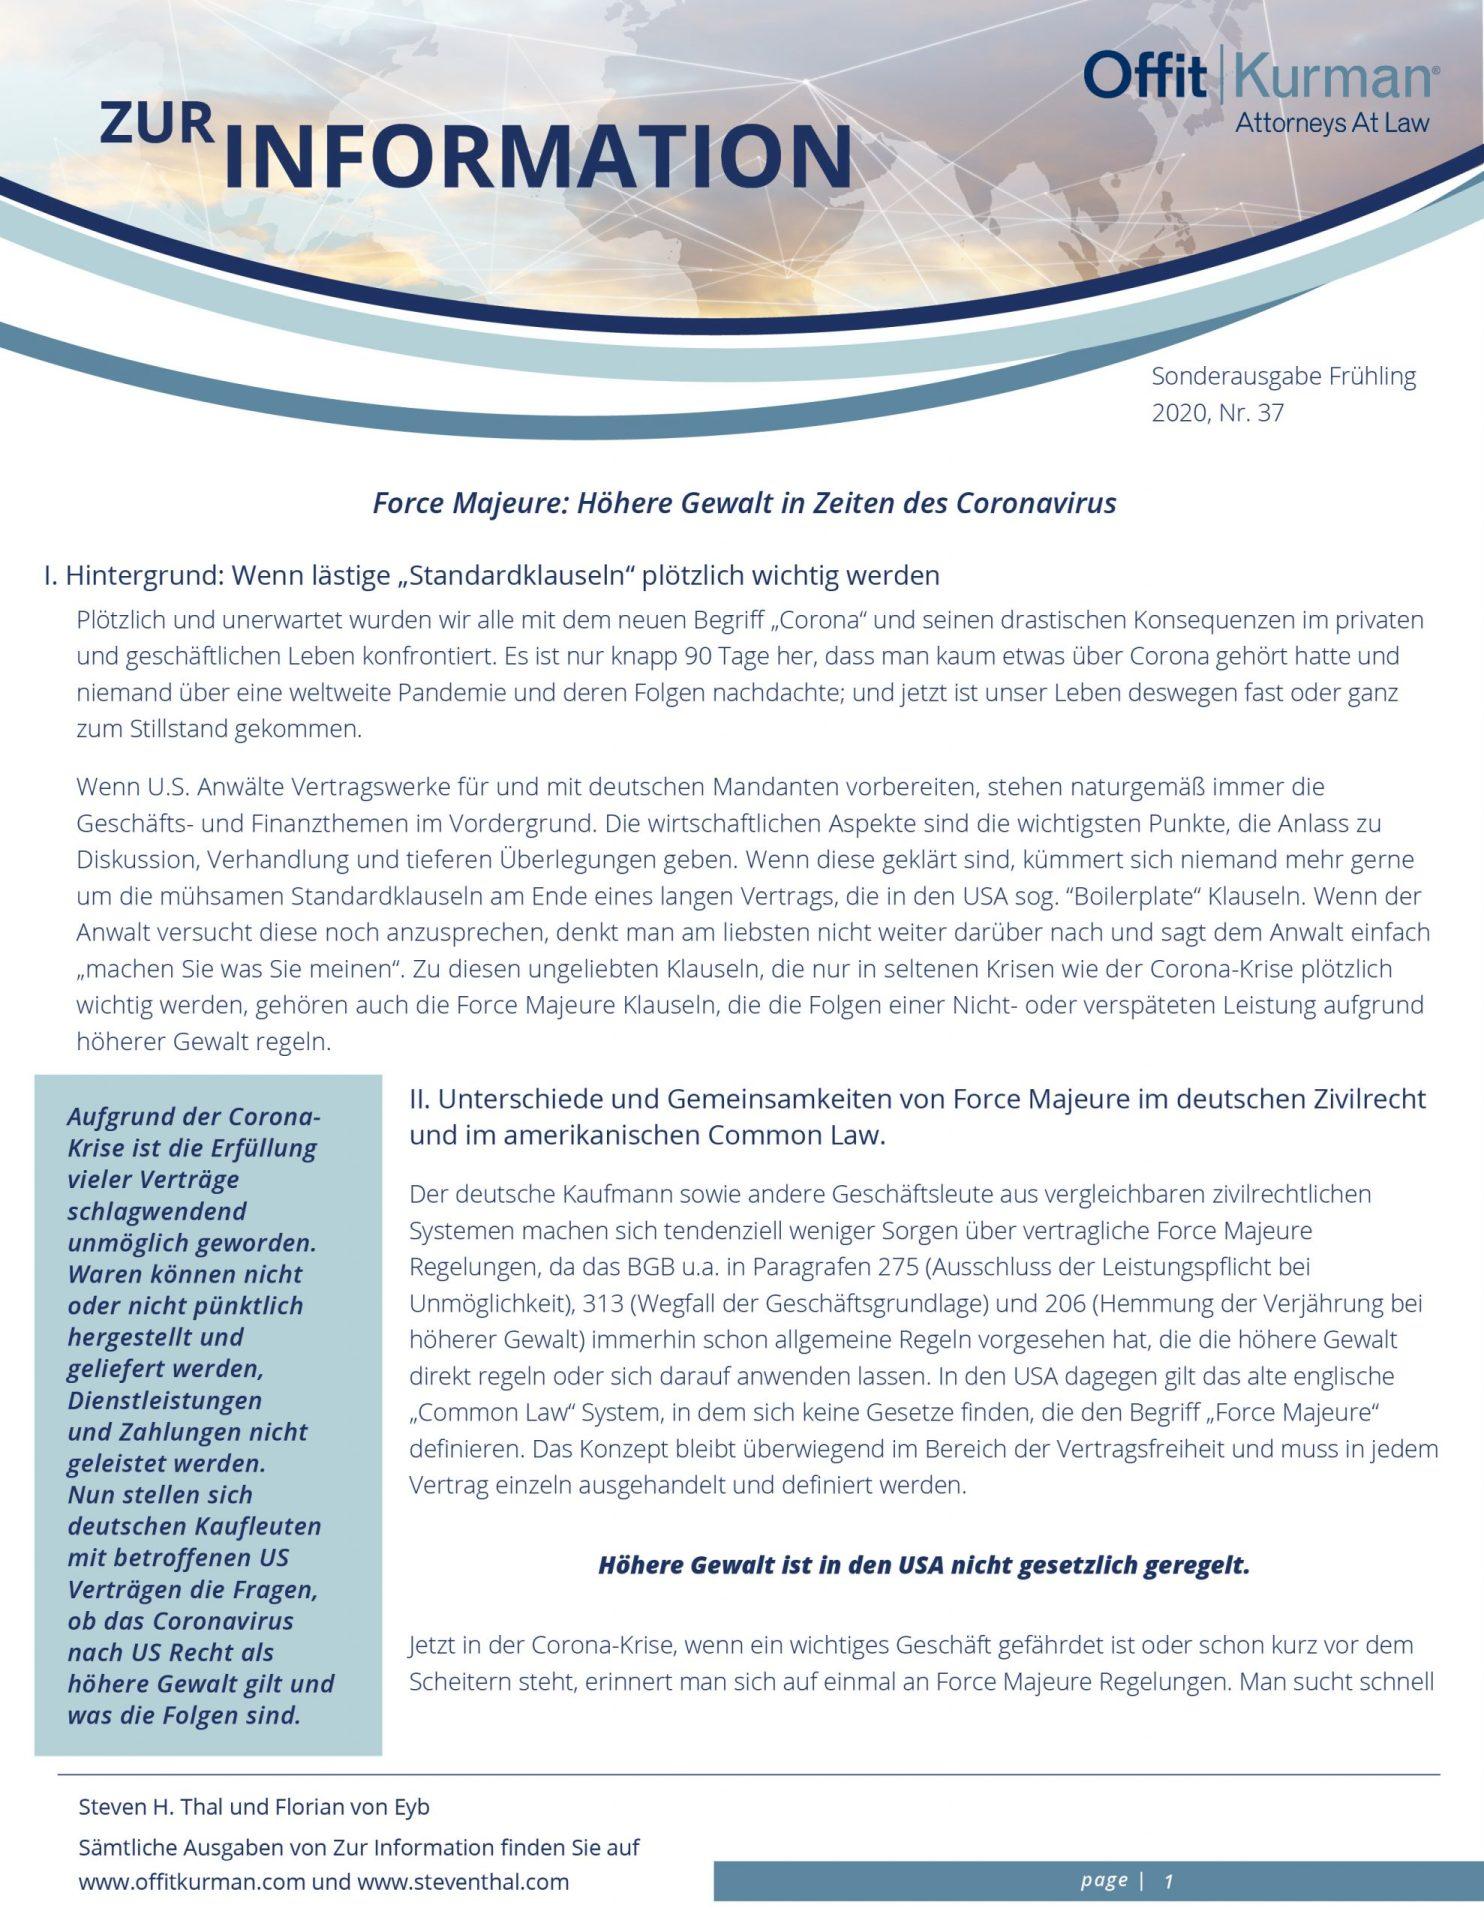 Sonderausgabe Zur Information - Force Majeure - Höhere Gewalt in Zeiten des Coronavirus